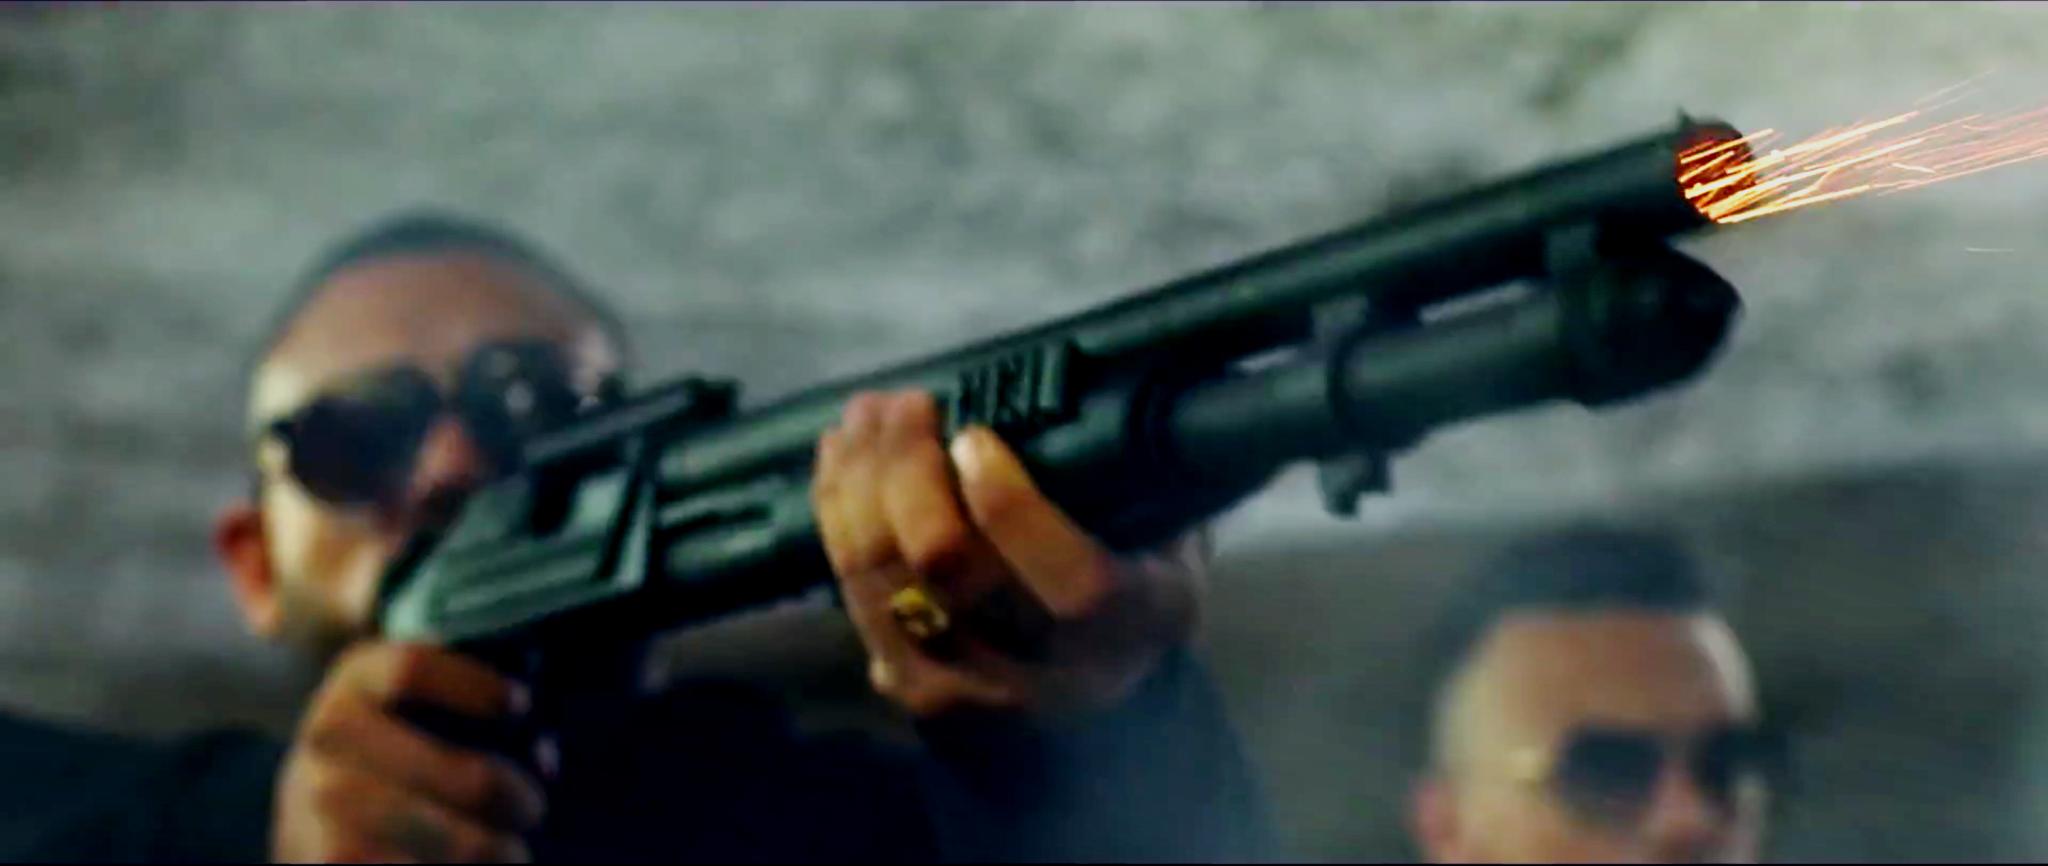 MG ACtion, Filmwaffen, Movieguns, Waffen, Film, Action Design, Full Action Service, Filmwaffen Deutschland